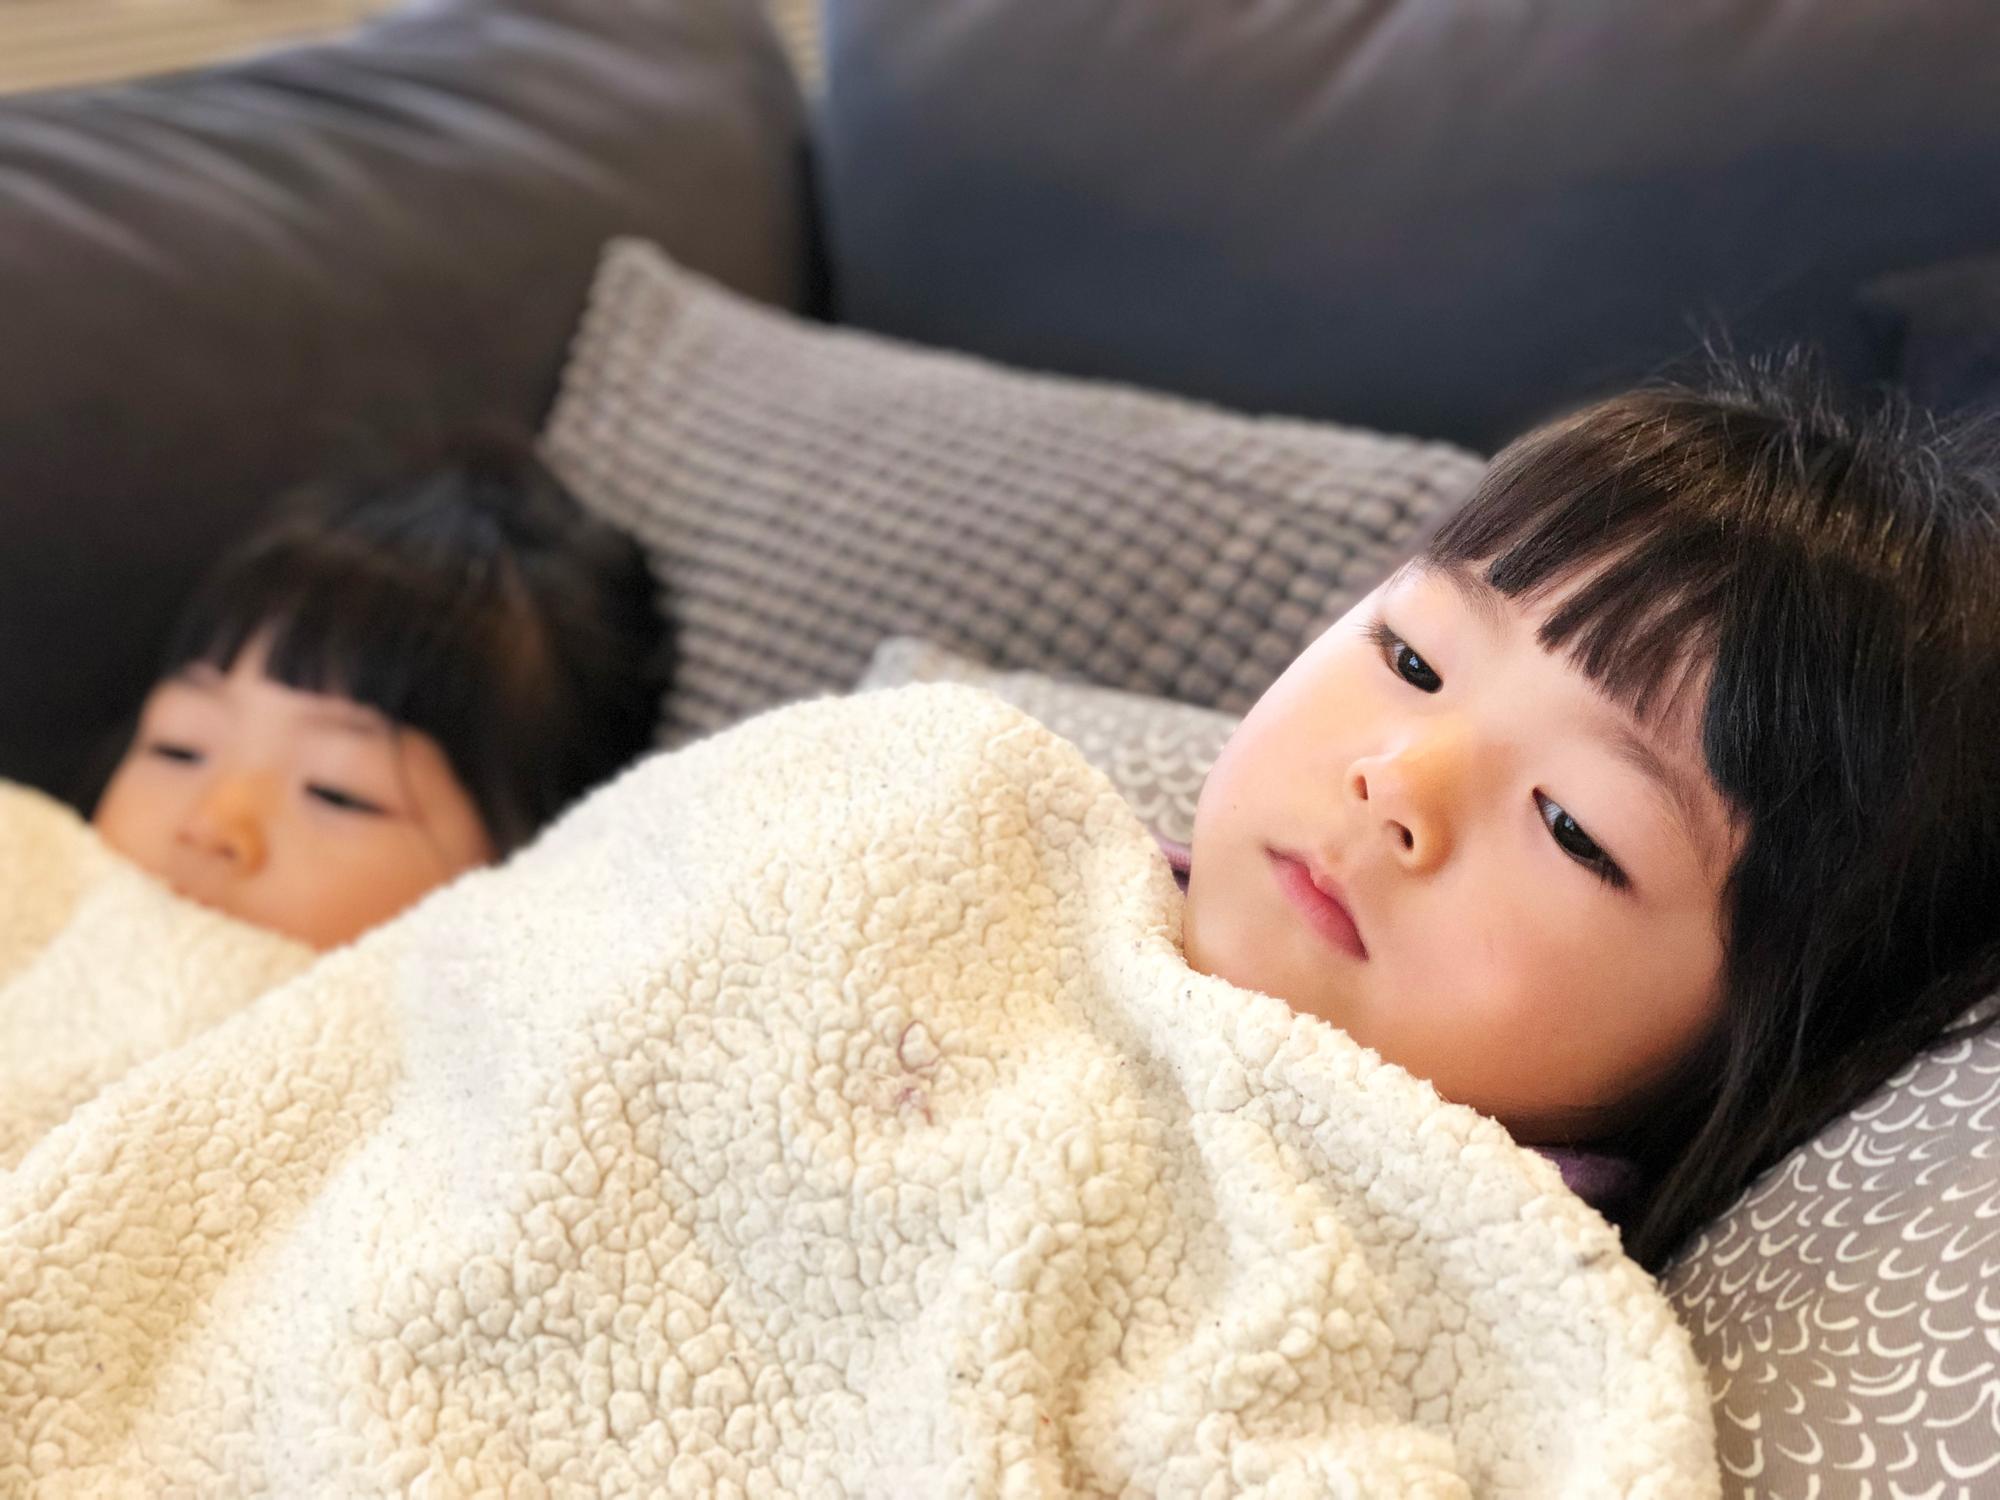 毛布にくるまる子ども